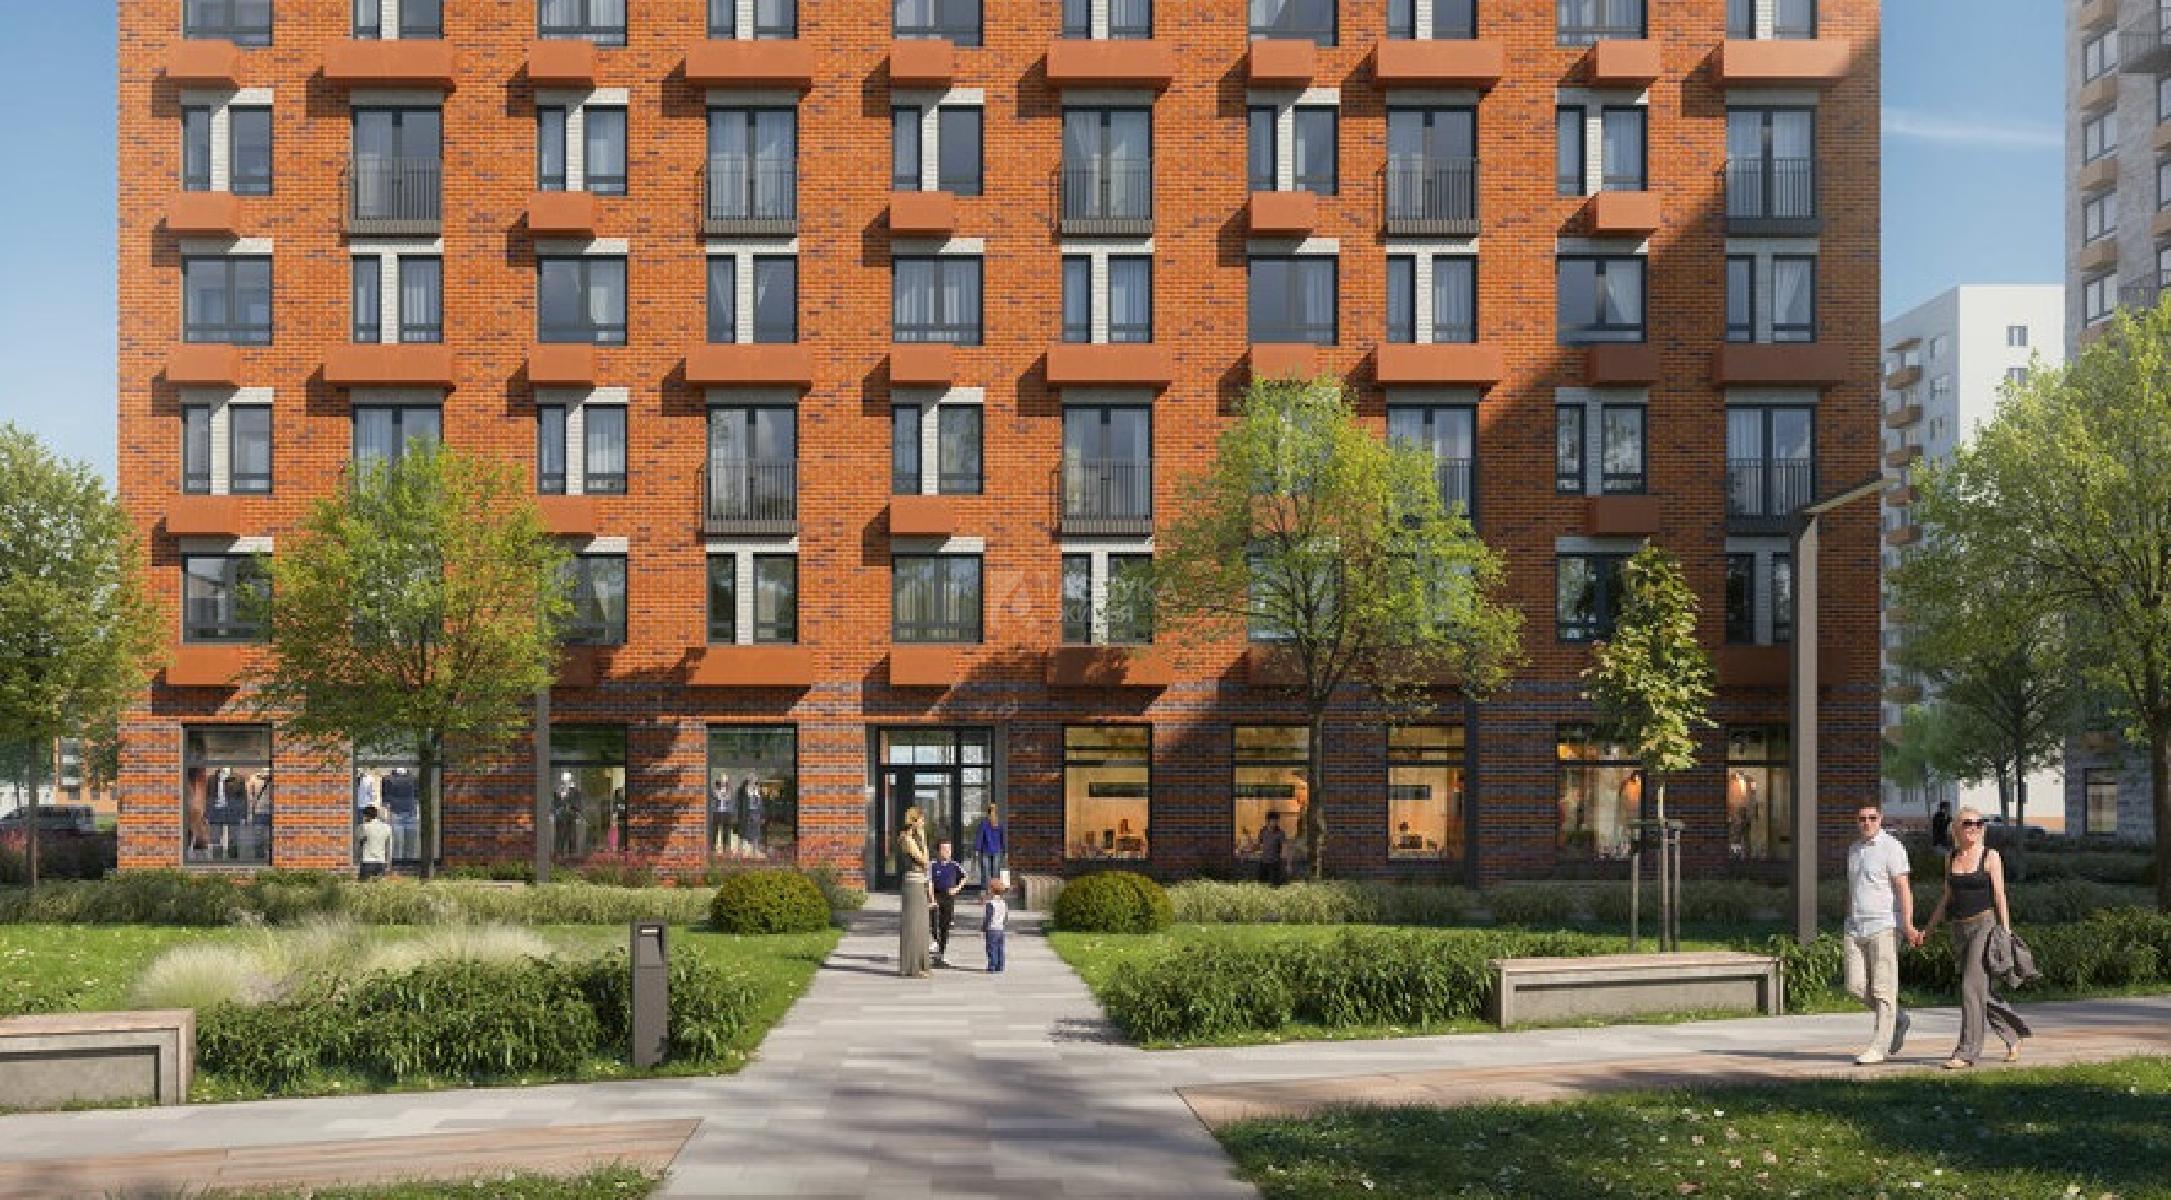 Фото №10 - 2-комнатная квартира, Москва, Институтская 2-я улица 6 корпус 4, метро Окская